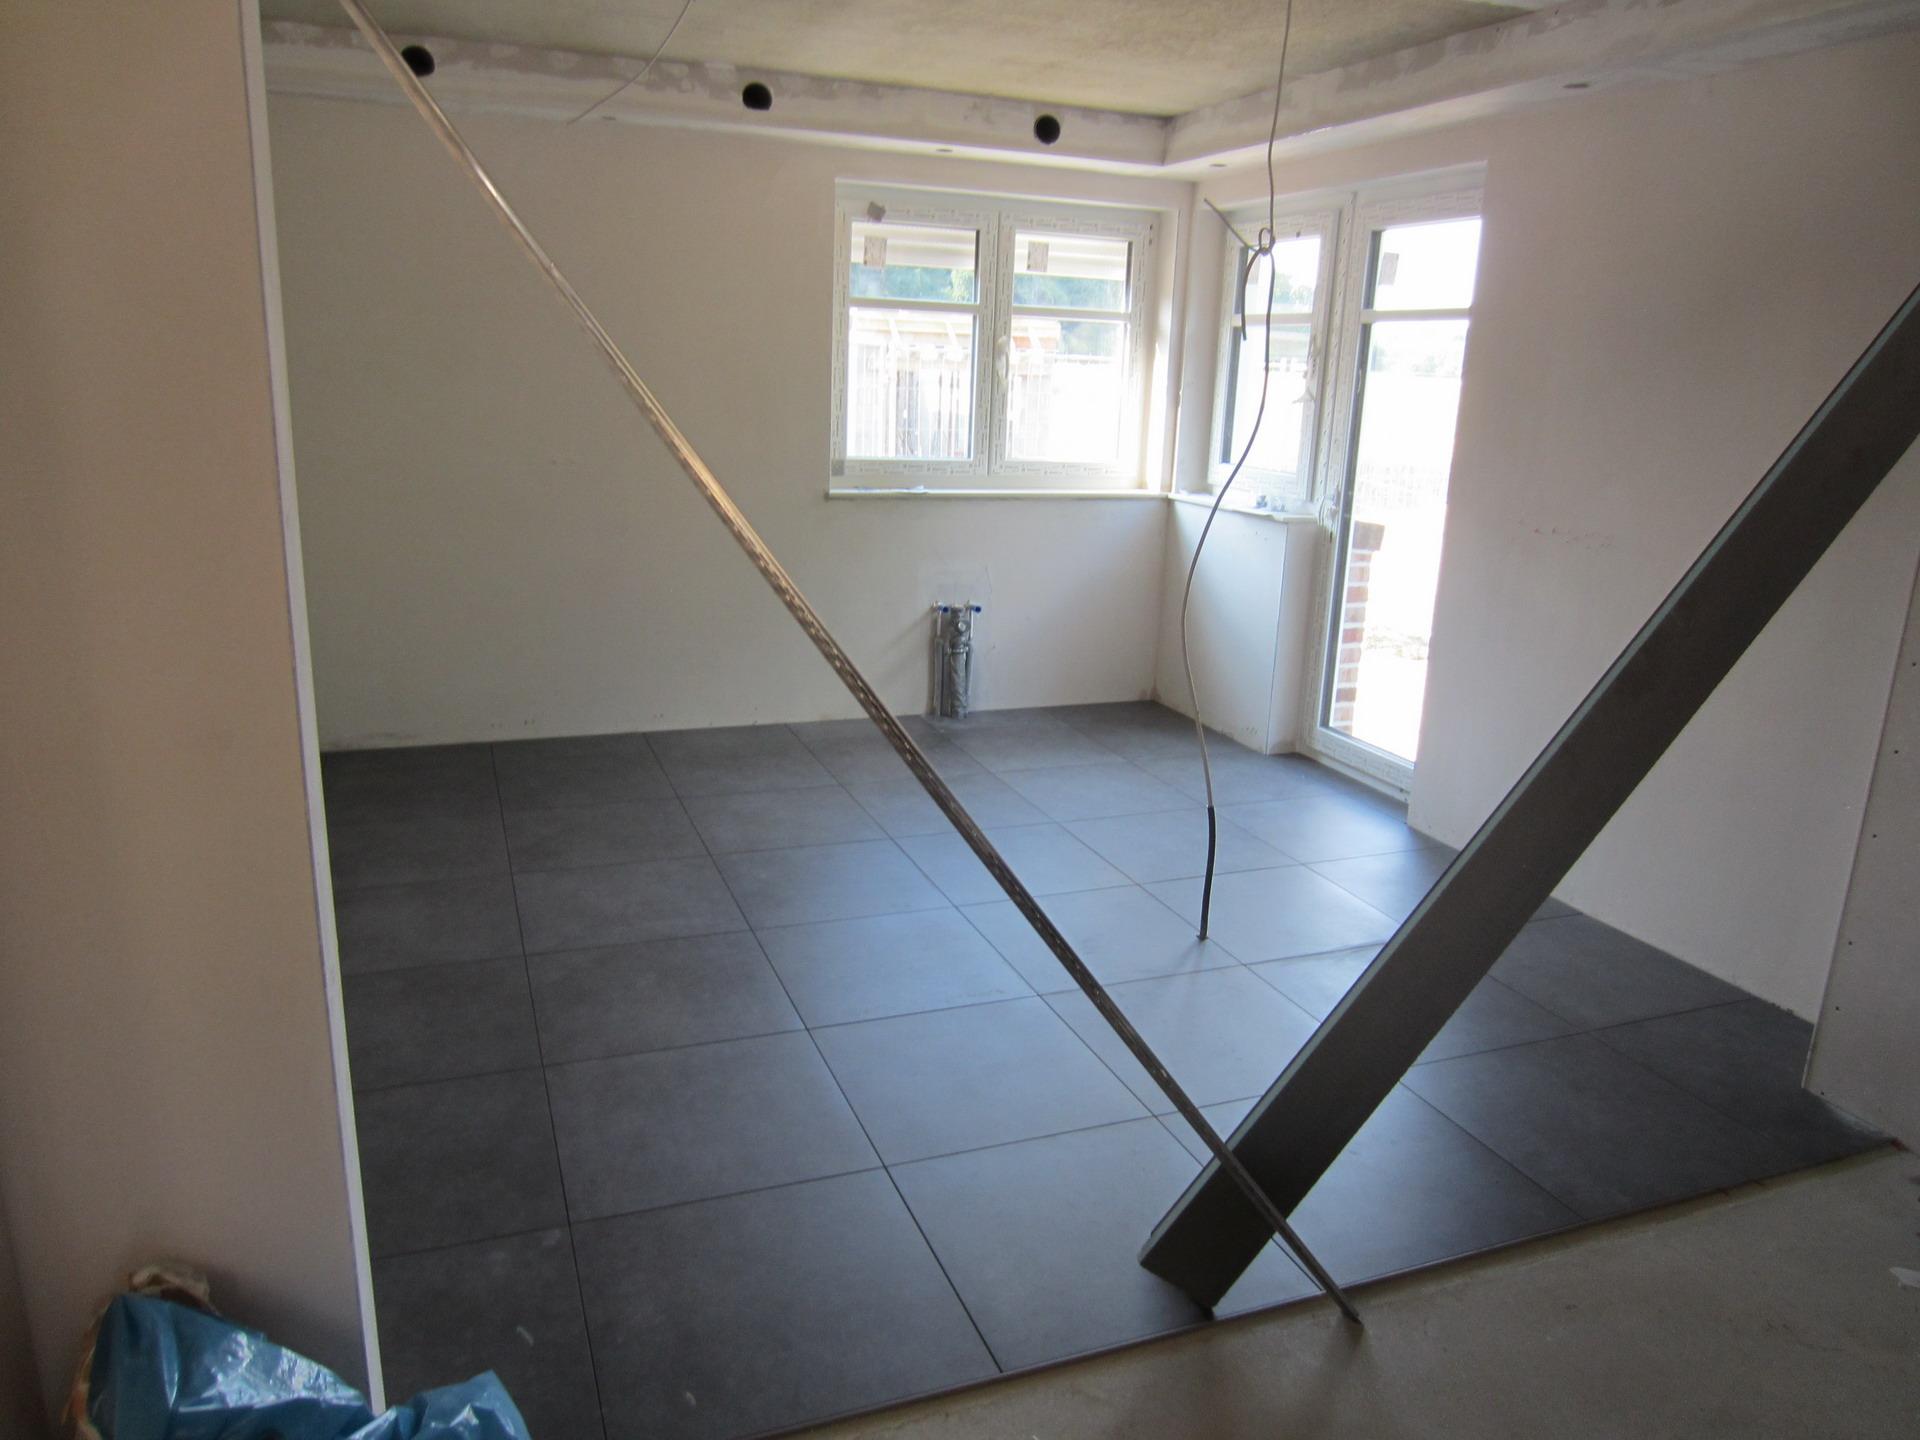 spachteln wir bauen 39 am lusthaus 39. Black Bedroom Furniture Sets. Home Design Ideas